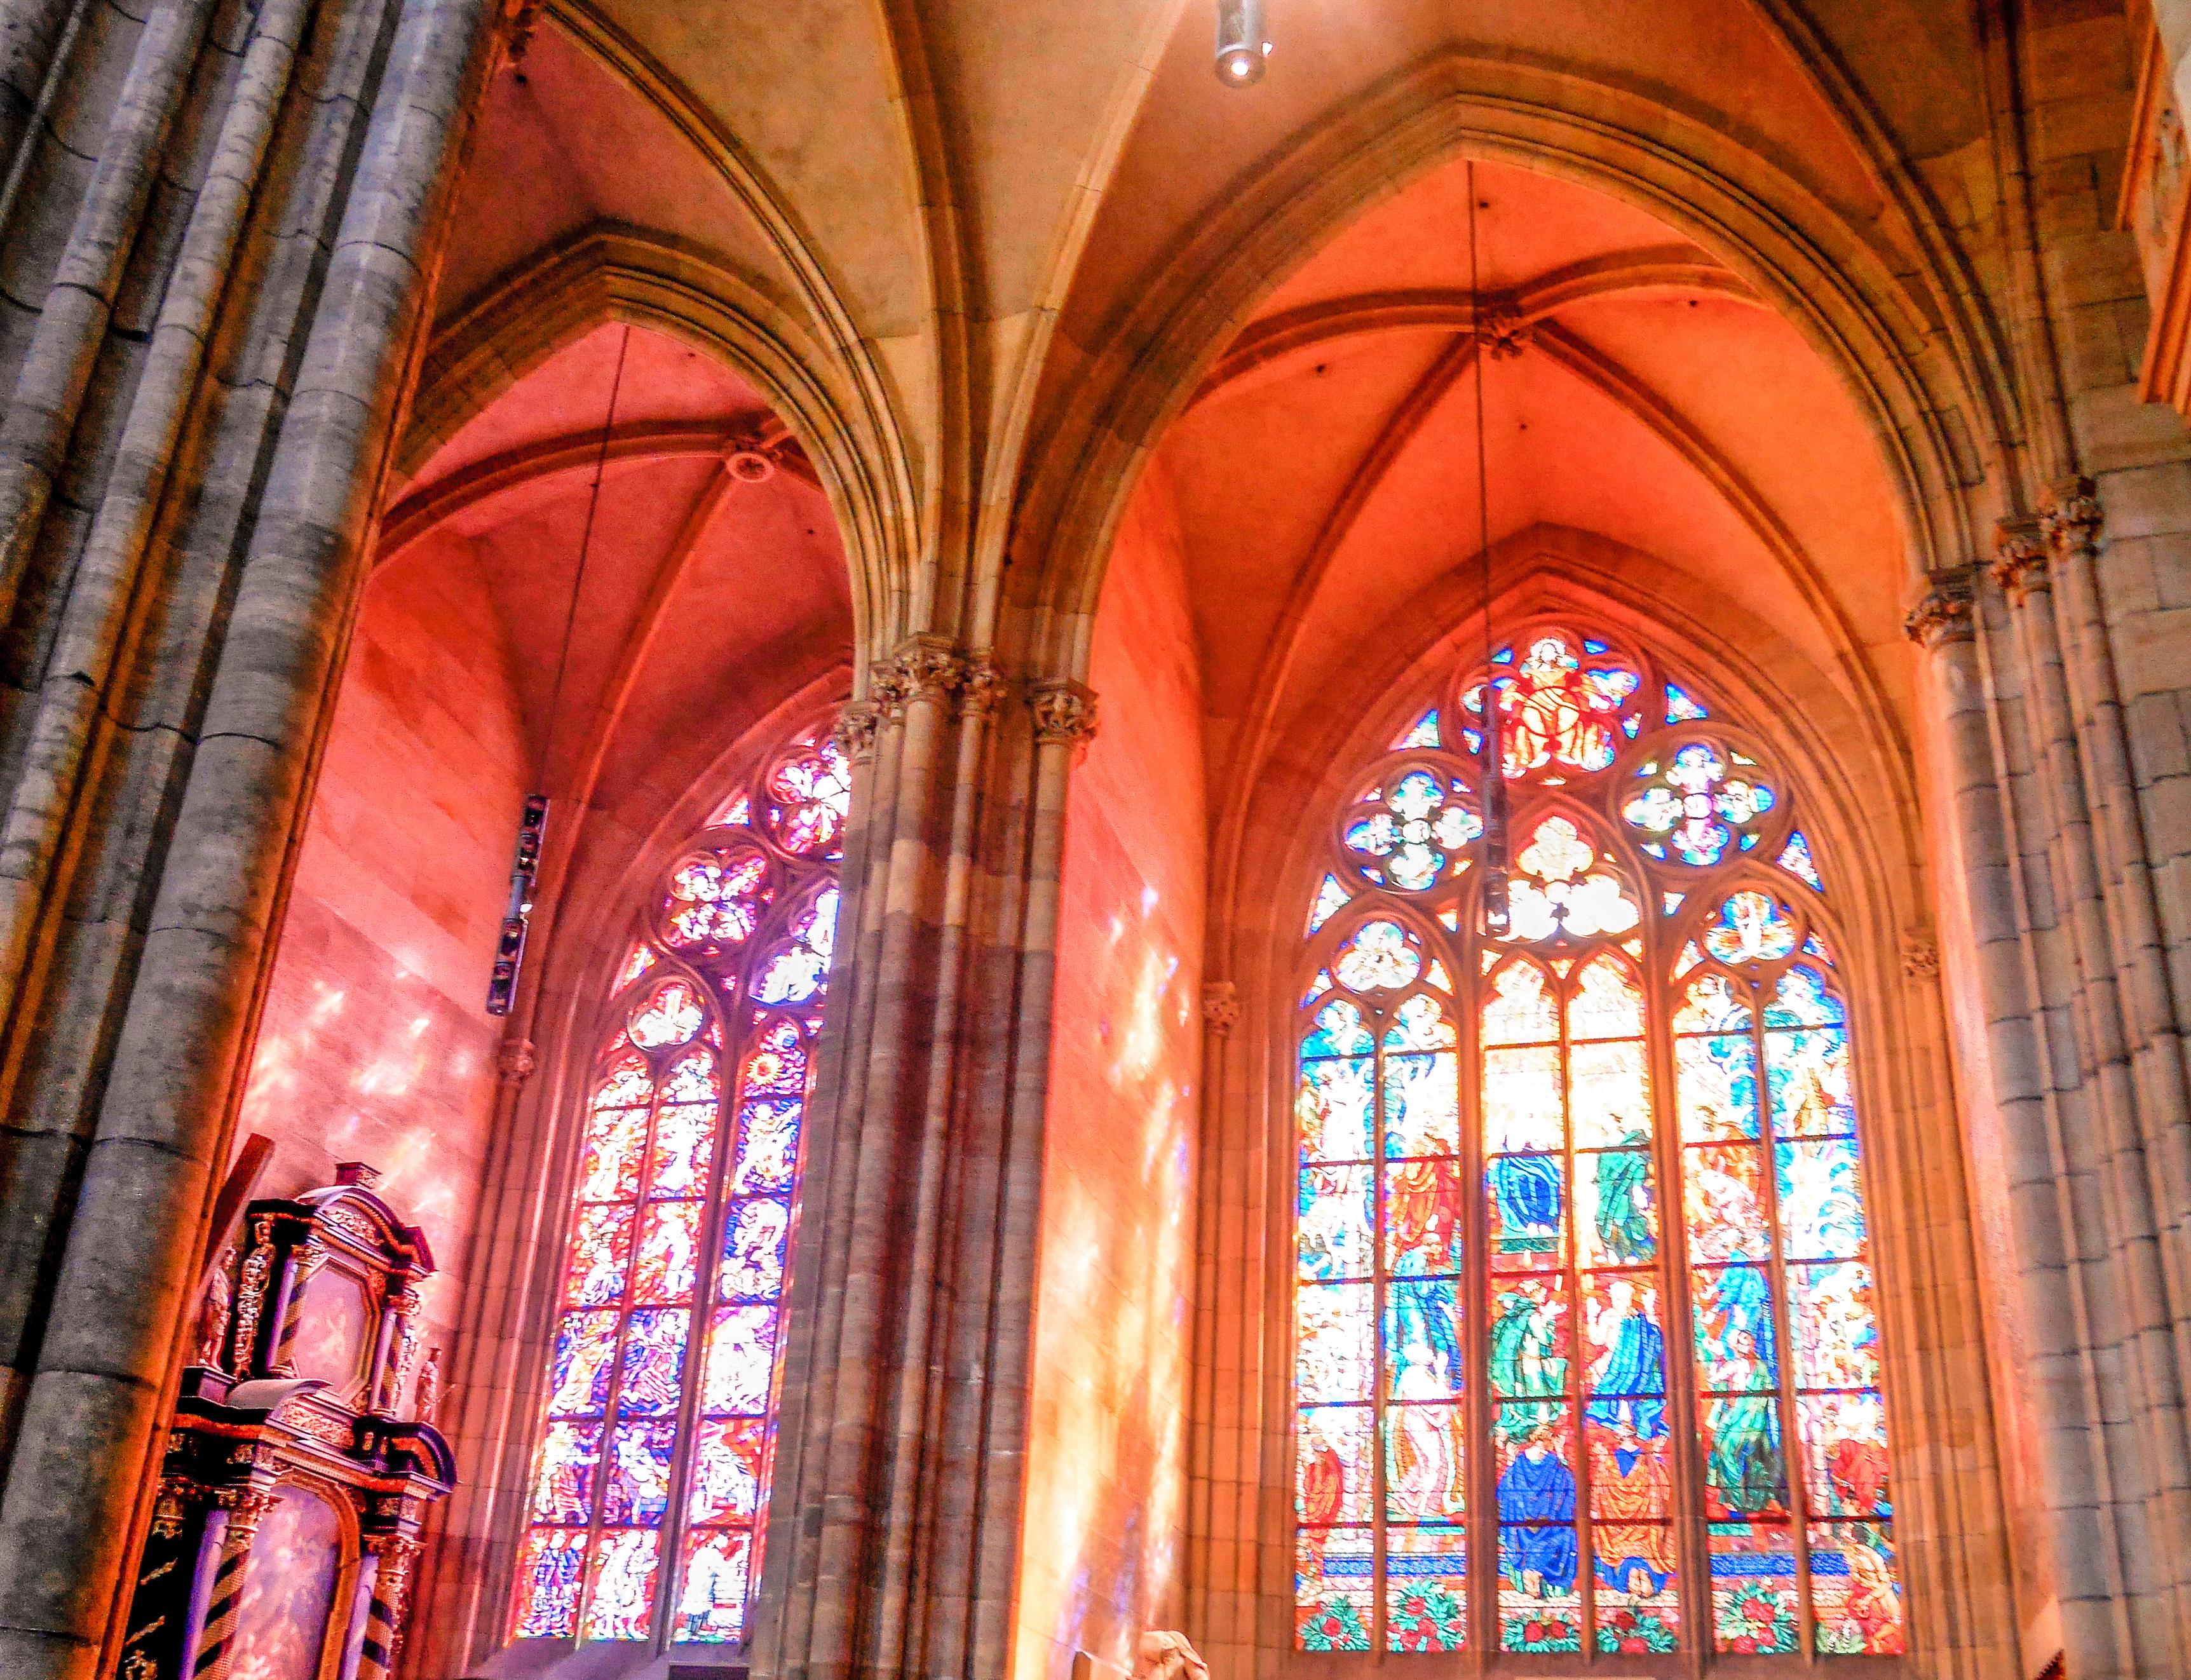 Vituksen katedraalin ikkunamaalaukset